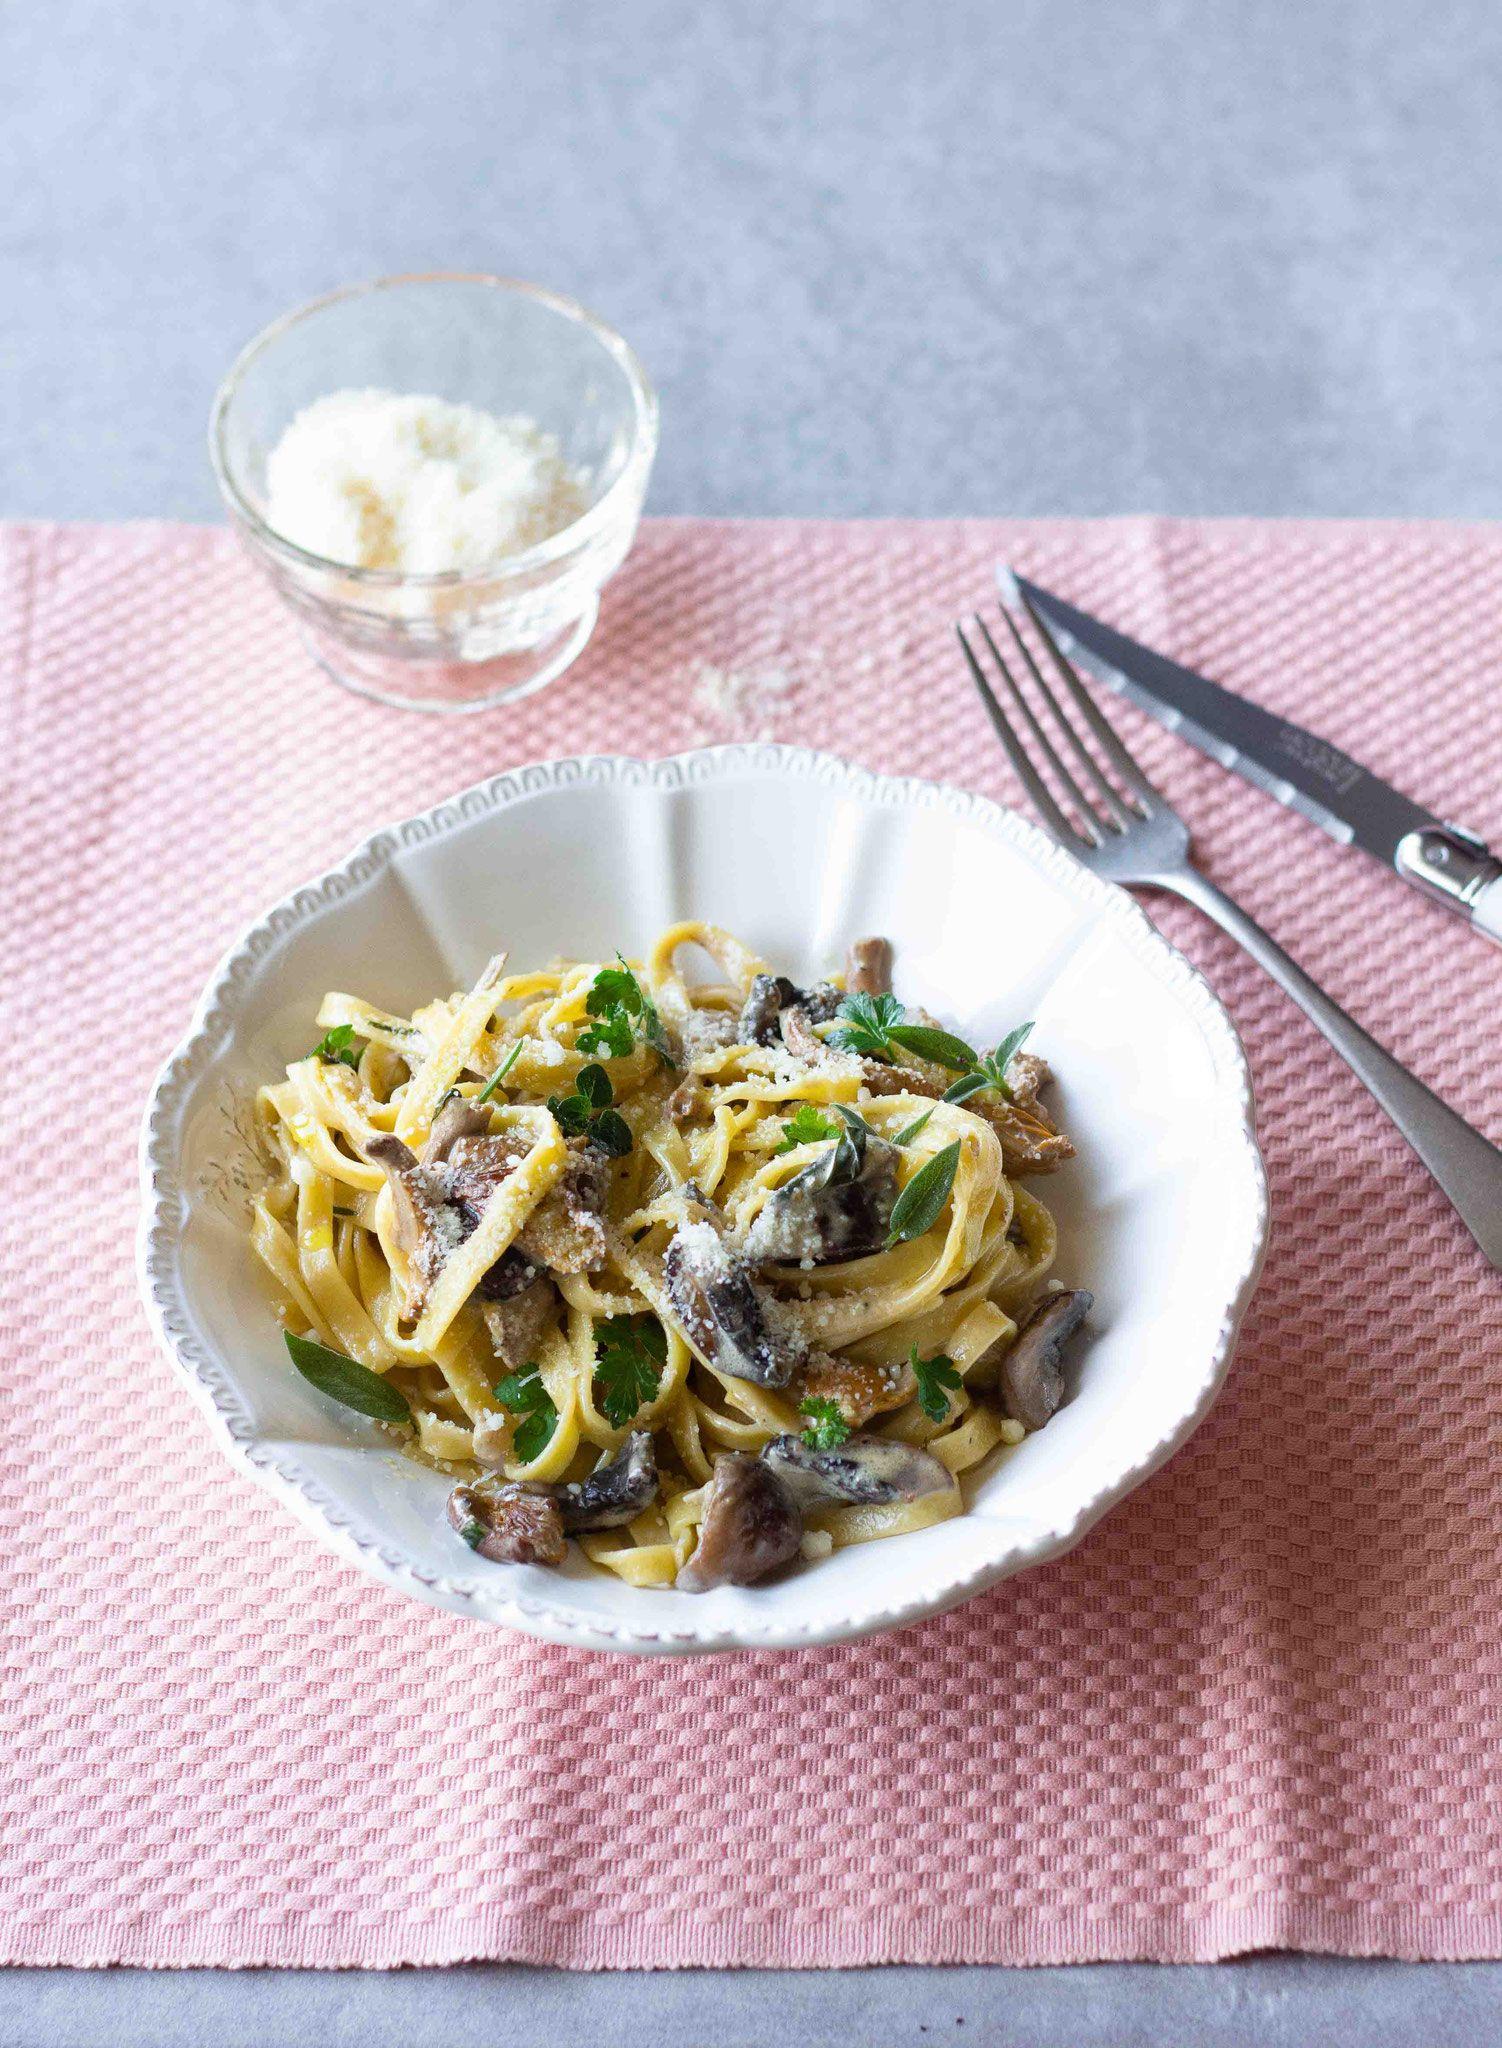 Tagliatelles aux champignons, crème & herbes fraîches ...